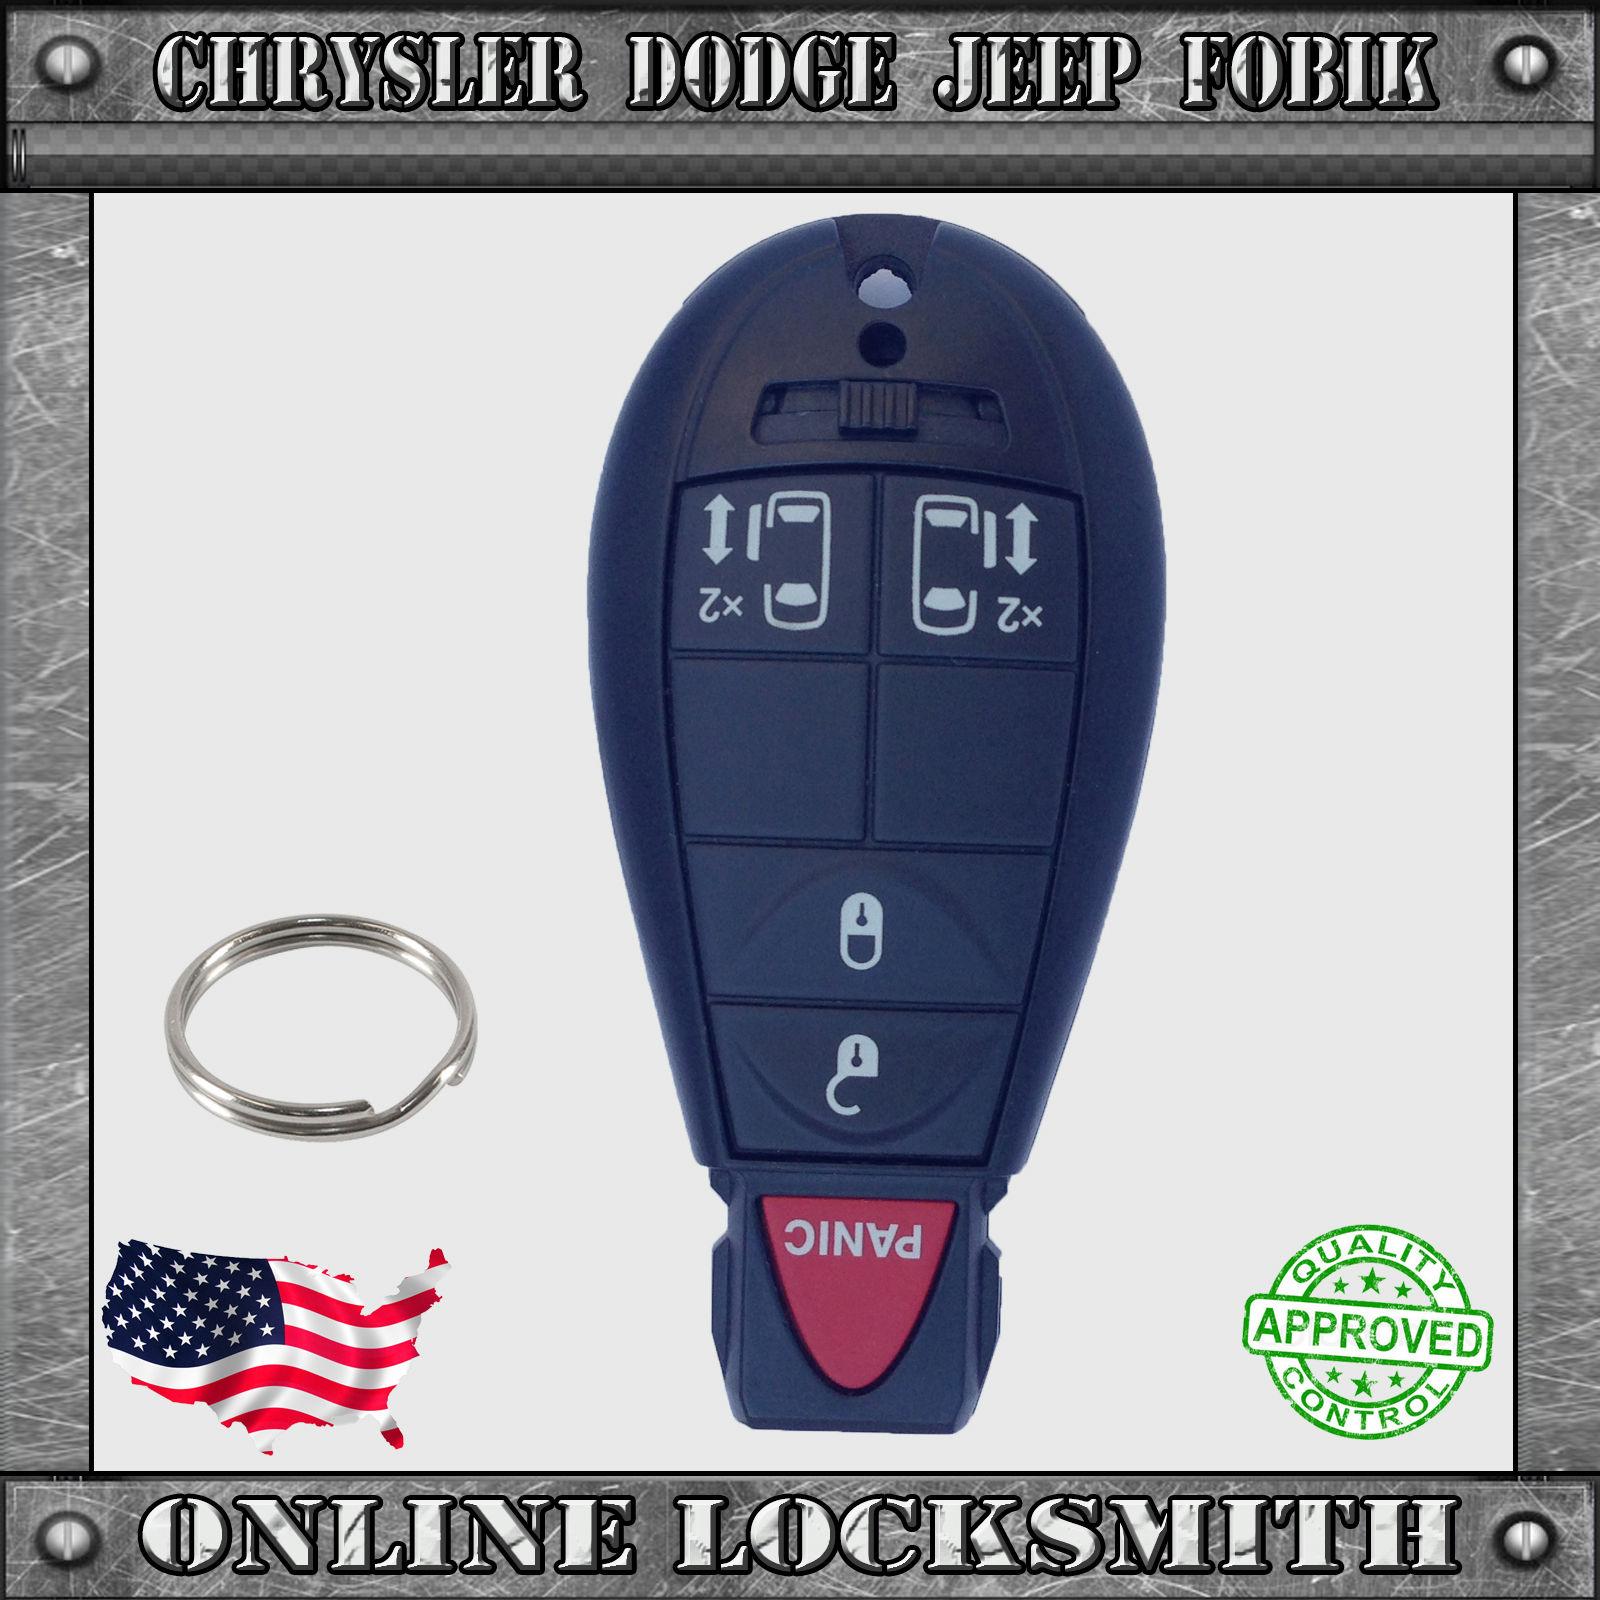 Chry Fobik 4 Key Online Locksmith Store